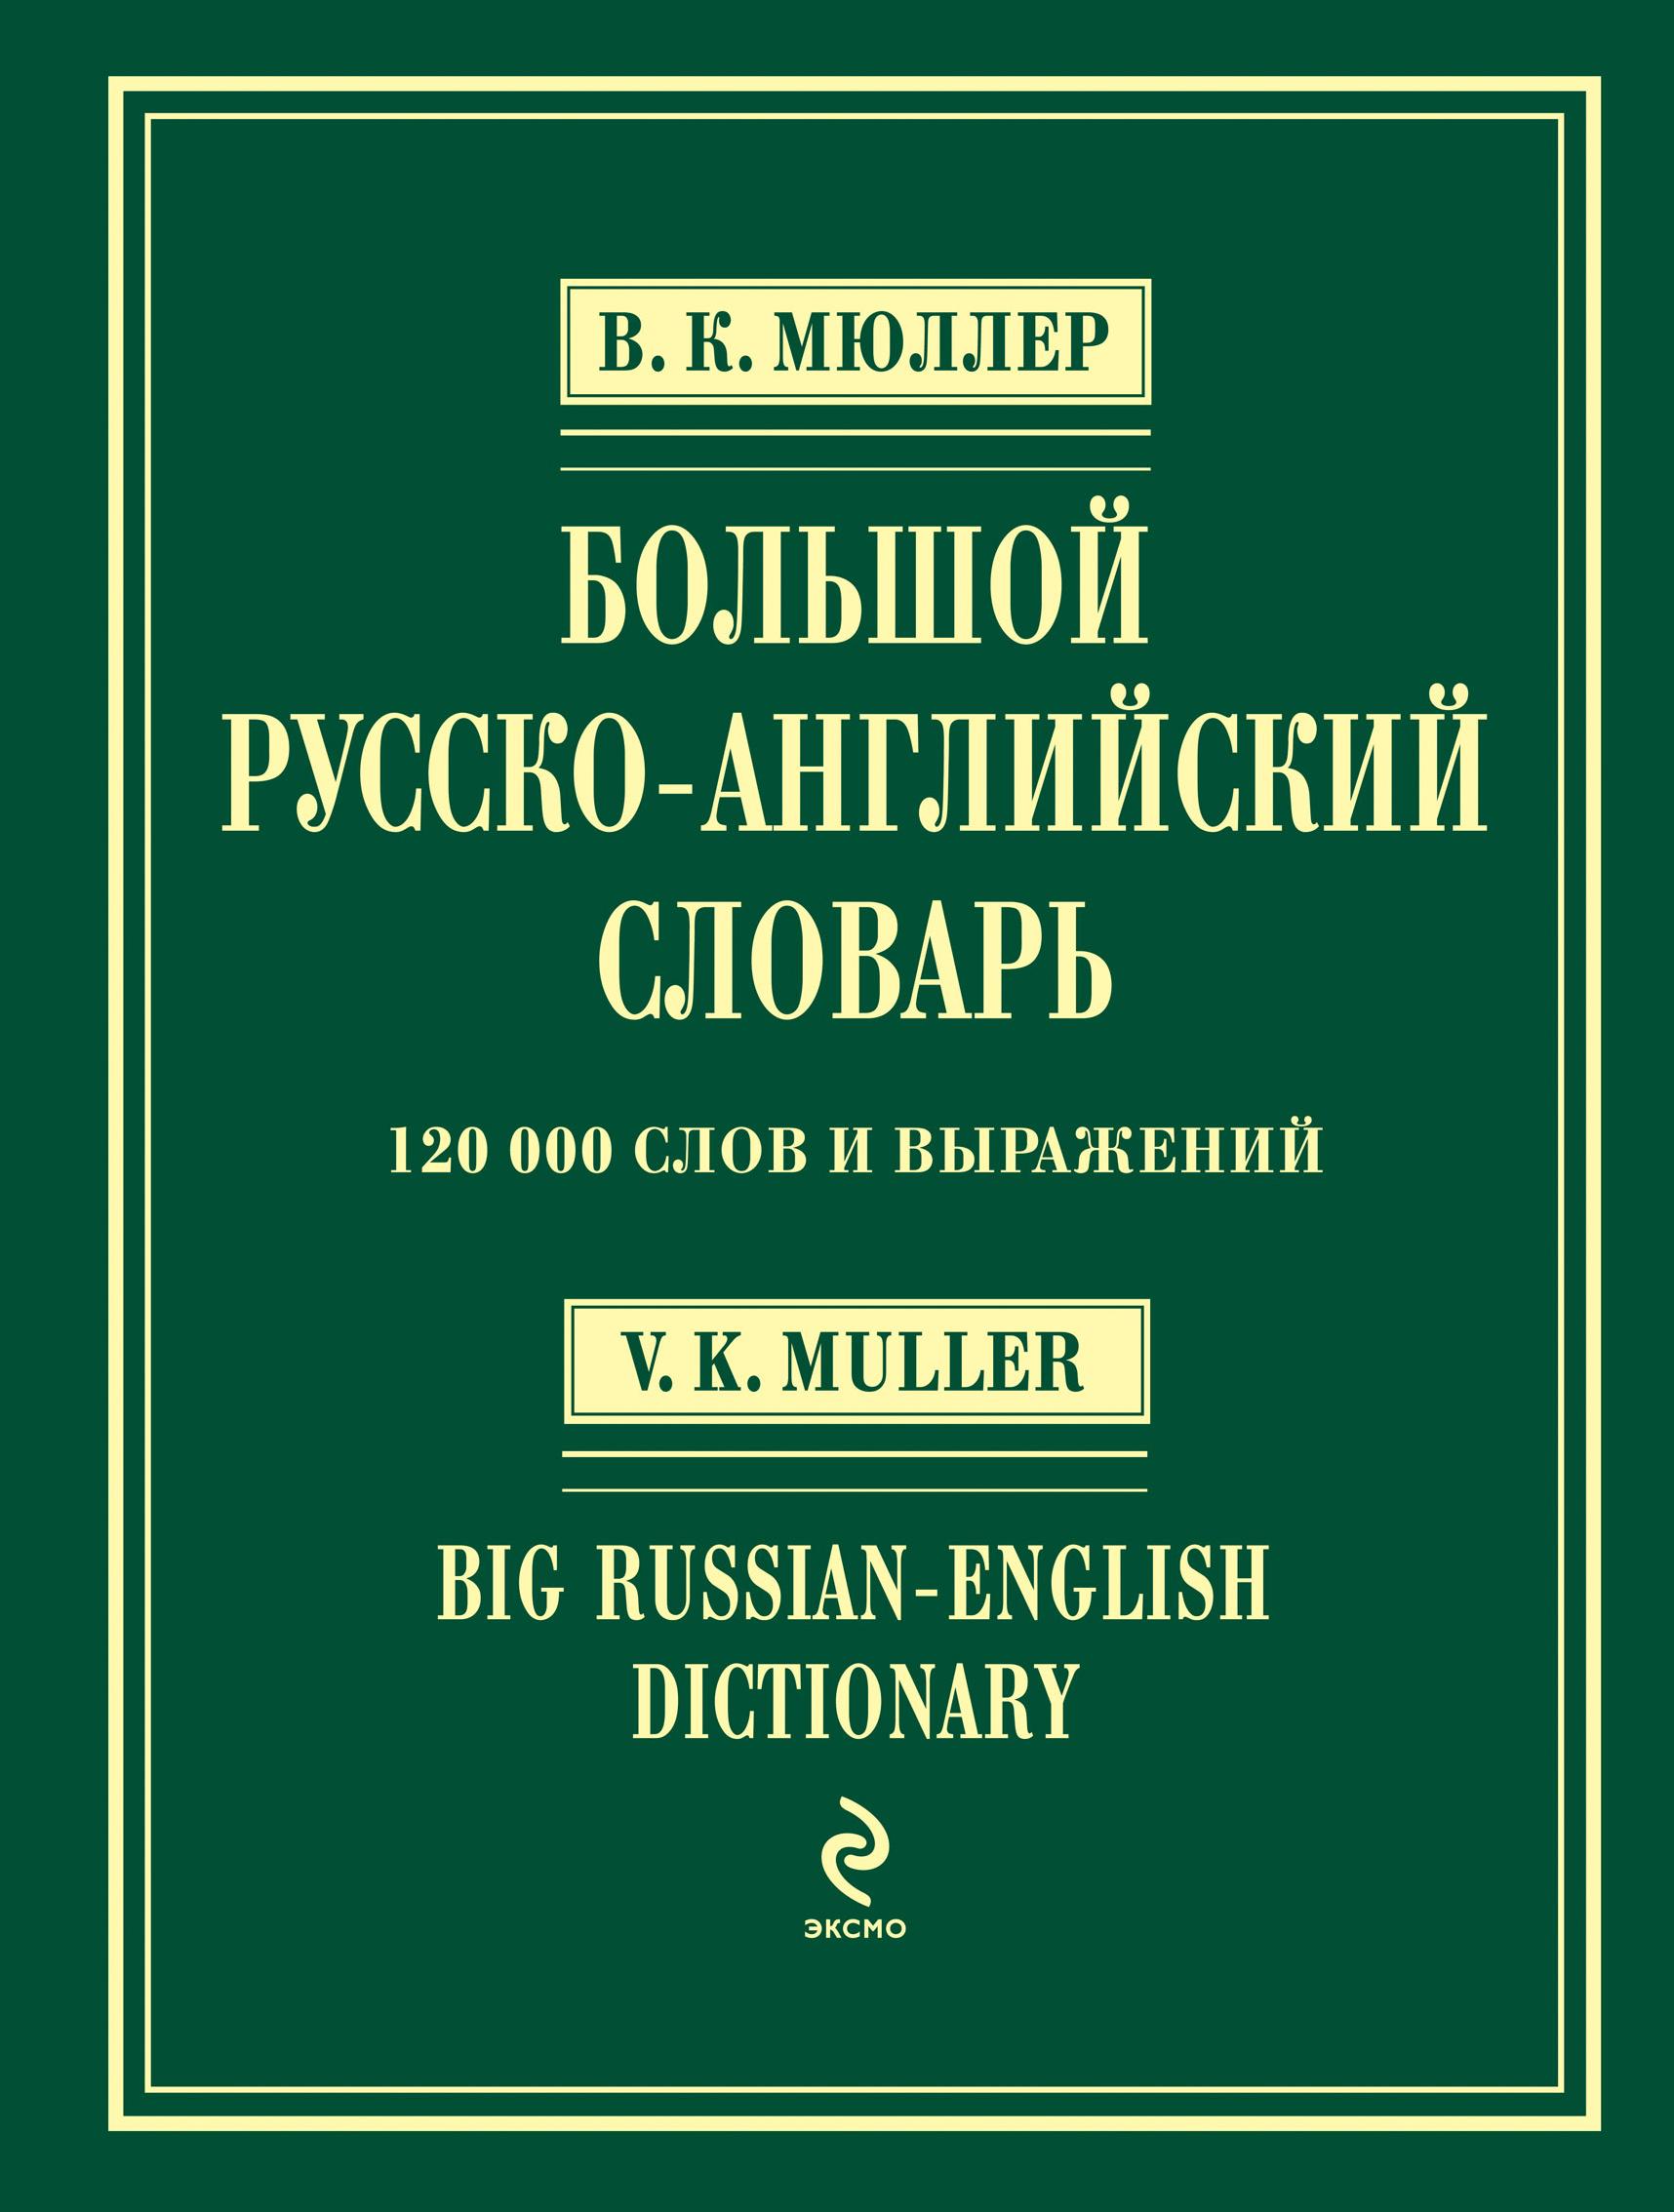 Большой русско-английский словарь. 120000 слов и выражений